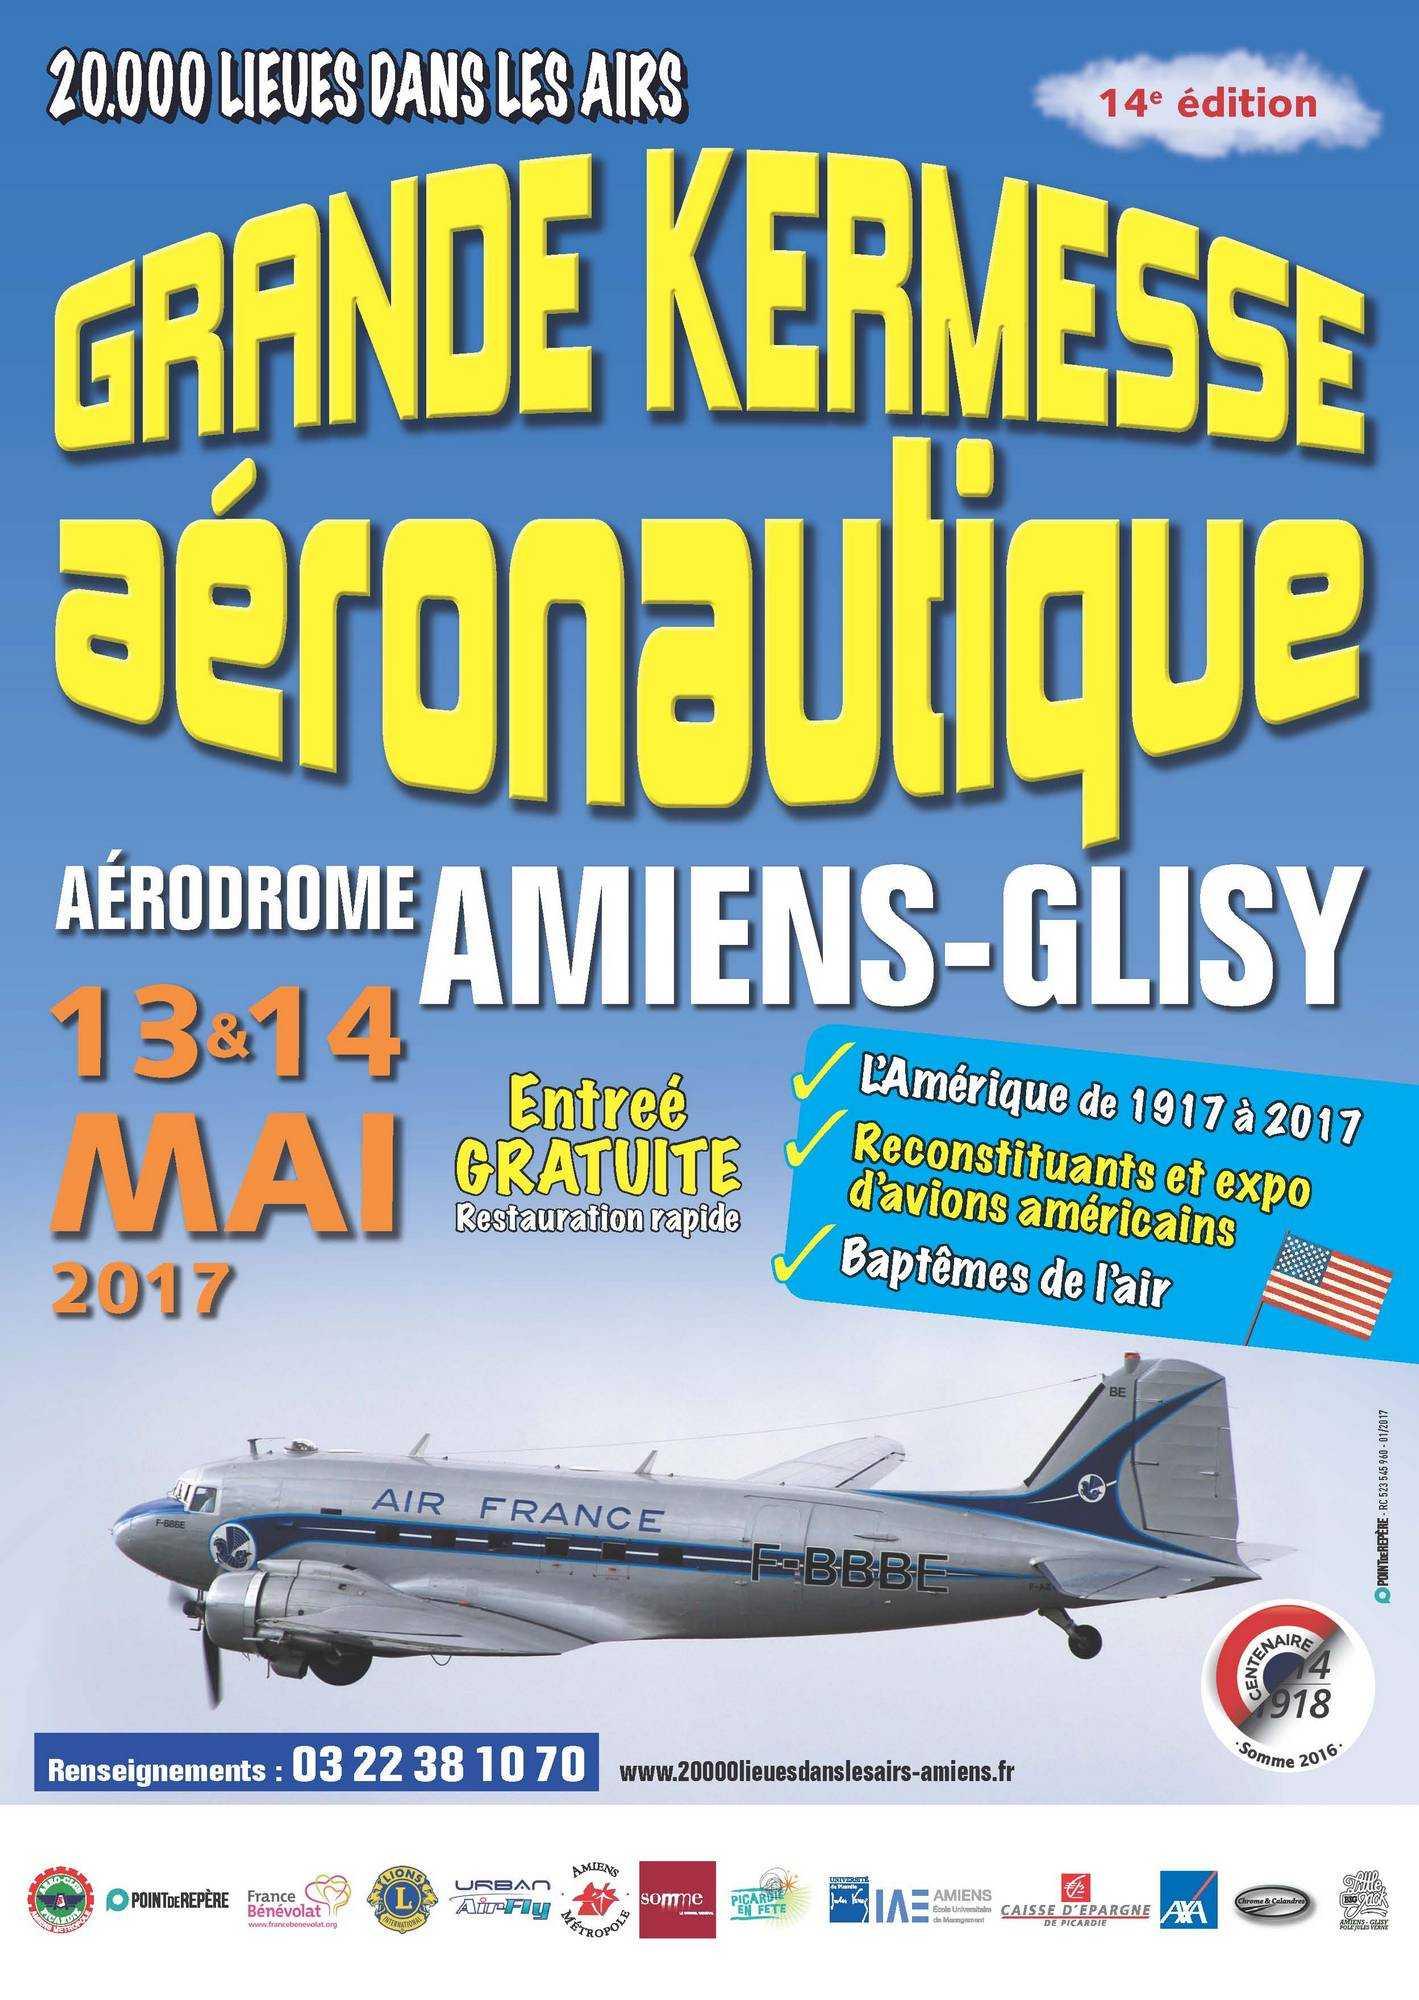 20000 lieues dans les airs 2017 ,Picardie , aérodrome d'Amiens Glisy , Meeting Aerien 2017 , French Airshow 2017